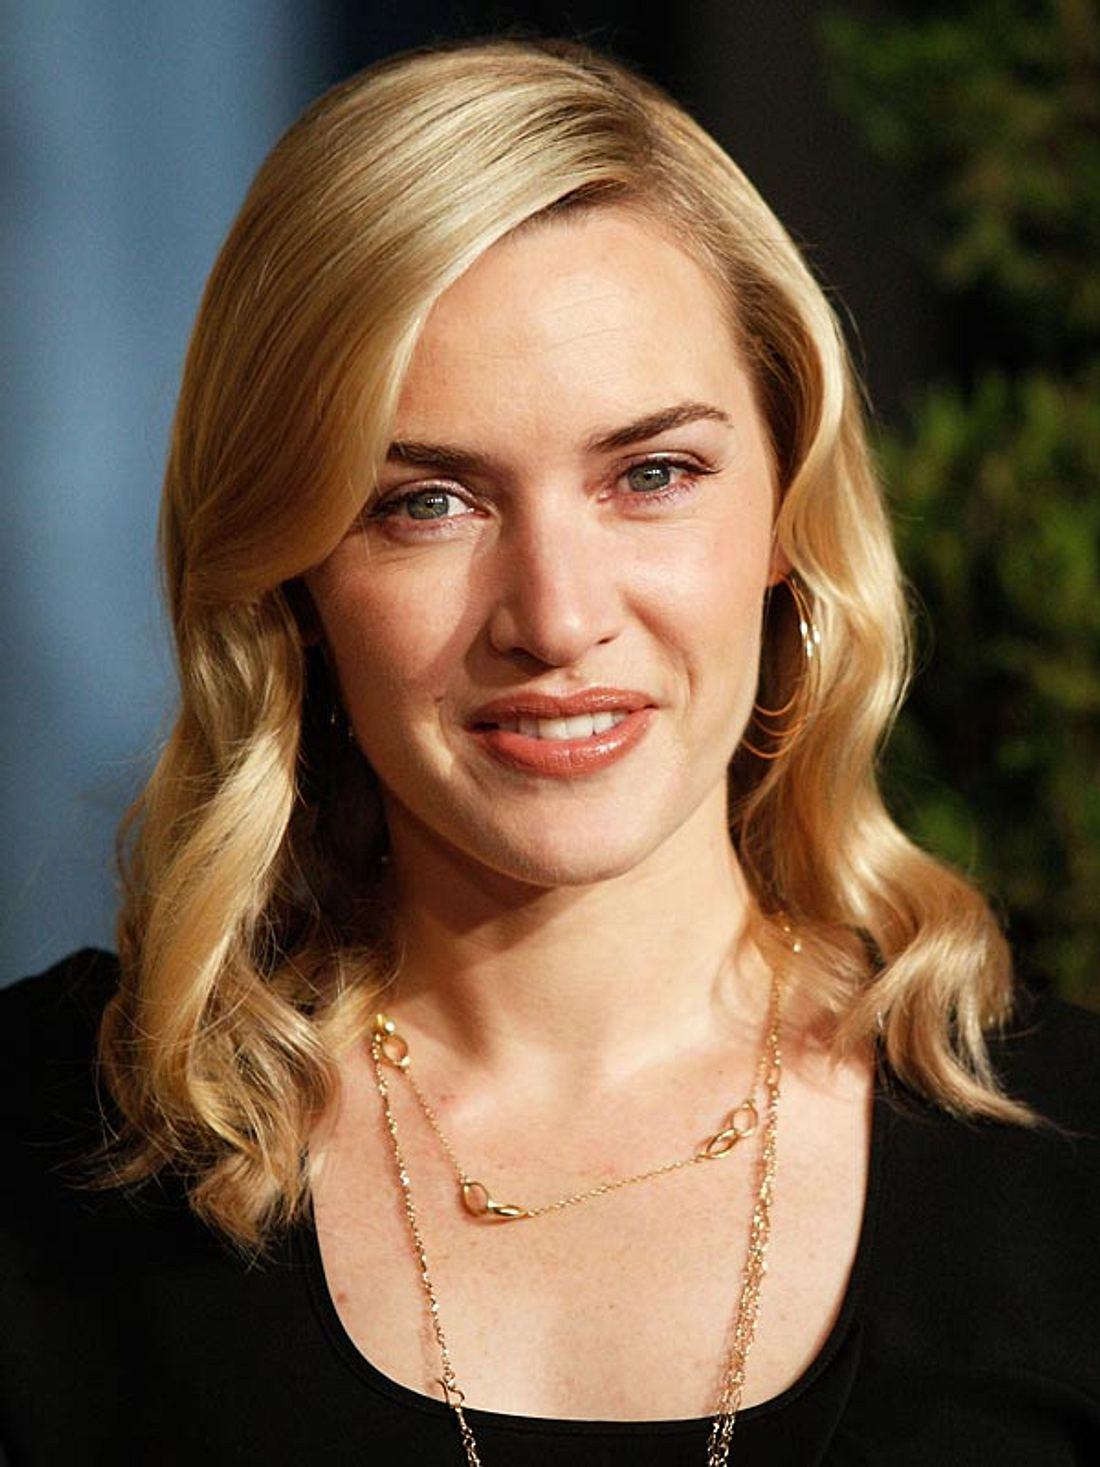 Top 10 der Star-Frisuren bei GoogleDie elegante Frisur von Kate Winslet schaffte es dagegen nur auf Platz sieben. Dabei ist ihr Haar doch viel schöner als das von Rapper Soulja Boy. Wir verstehen die Google-Suche-Welt nicht!